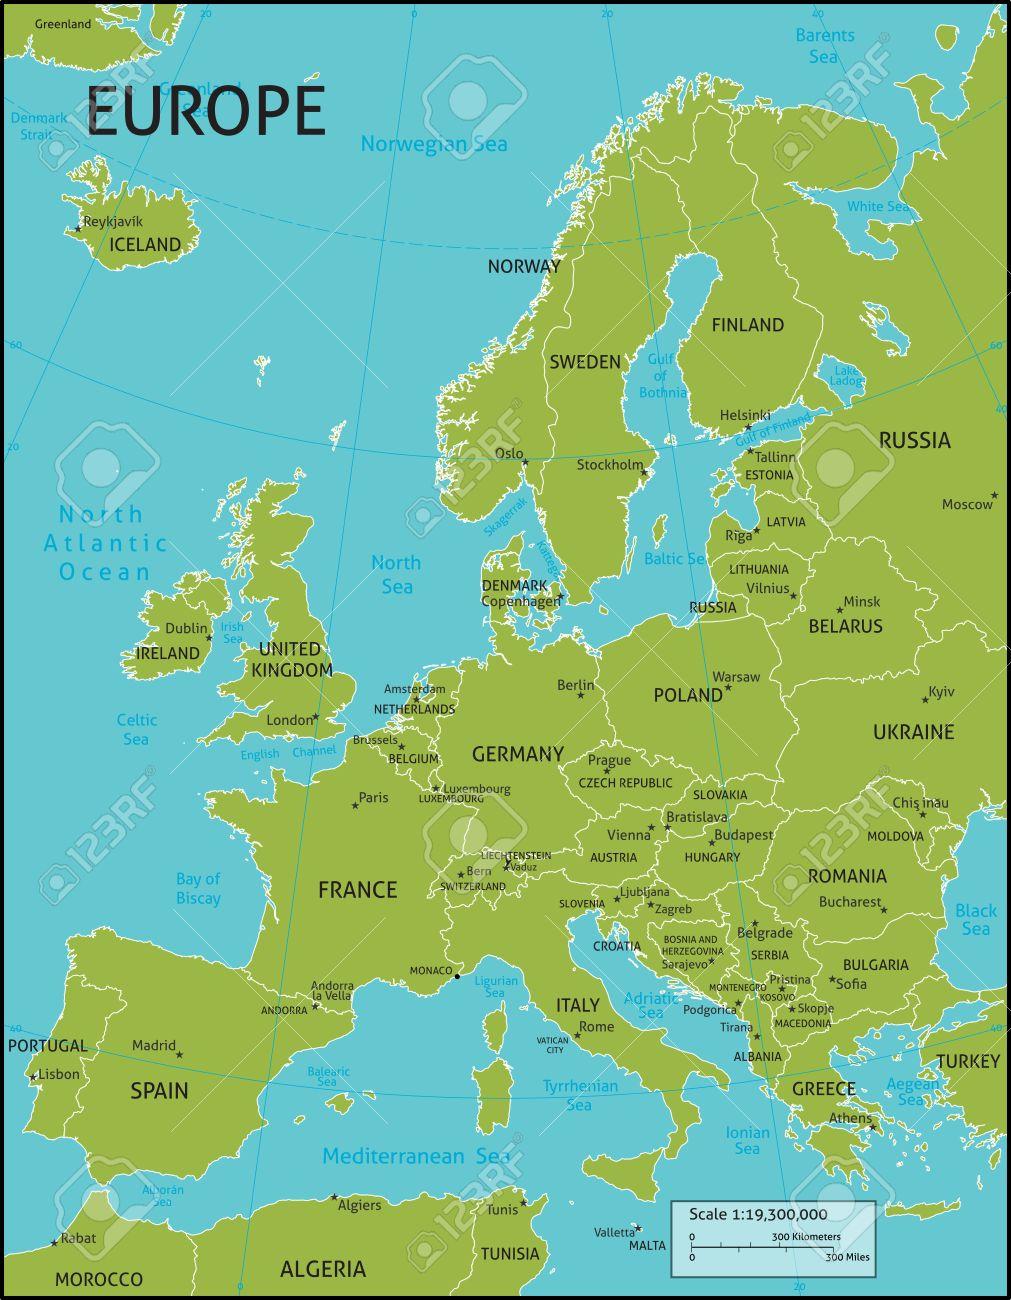 Une Carte De L'europe Avec Tous Les Noms De Pays, Et Les Capitales De Pays.  Organisé Dans La Version De Vecteur Dans Facile D'utiliser Des Couches. concernant Carte Europe Capitales Et Pays